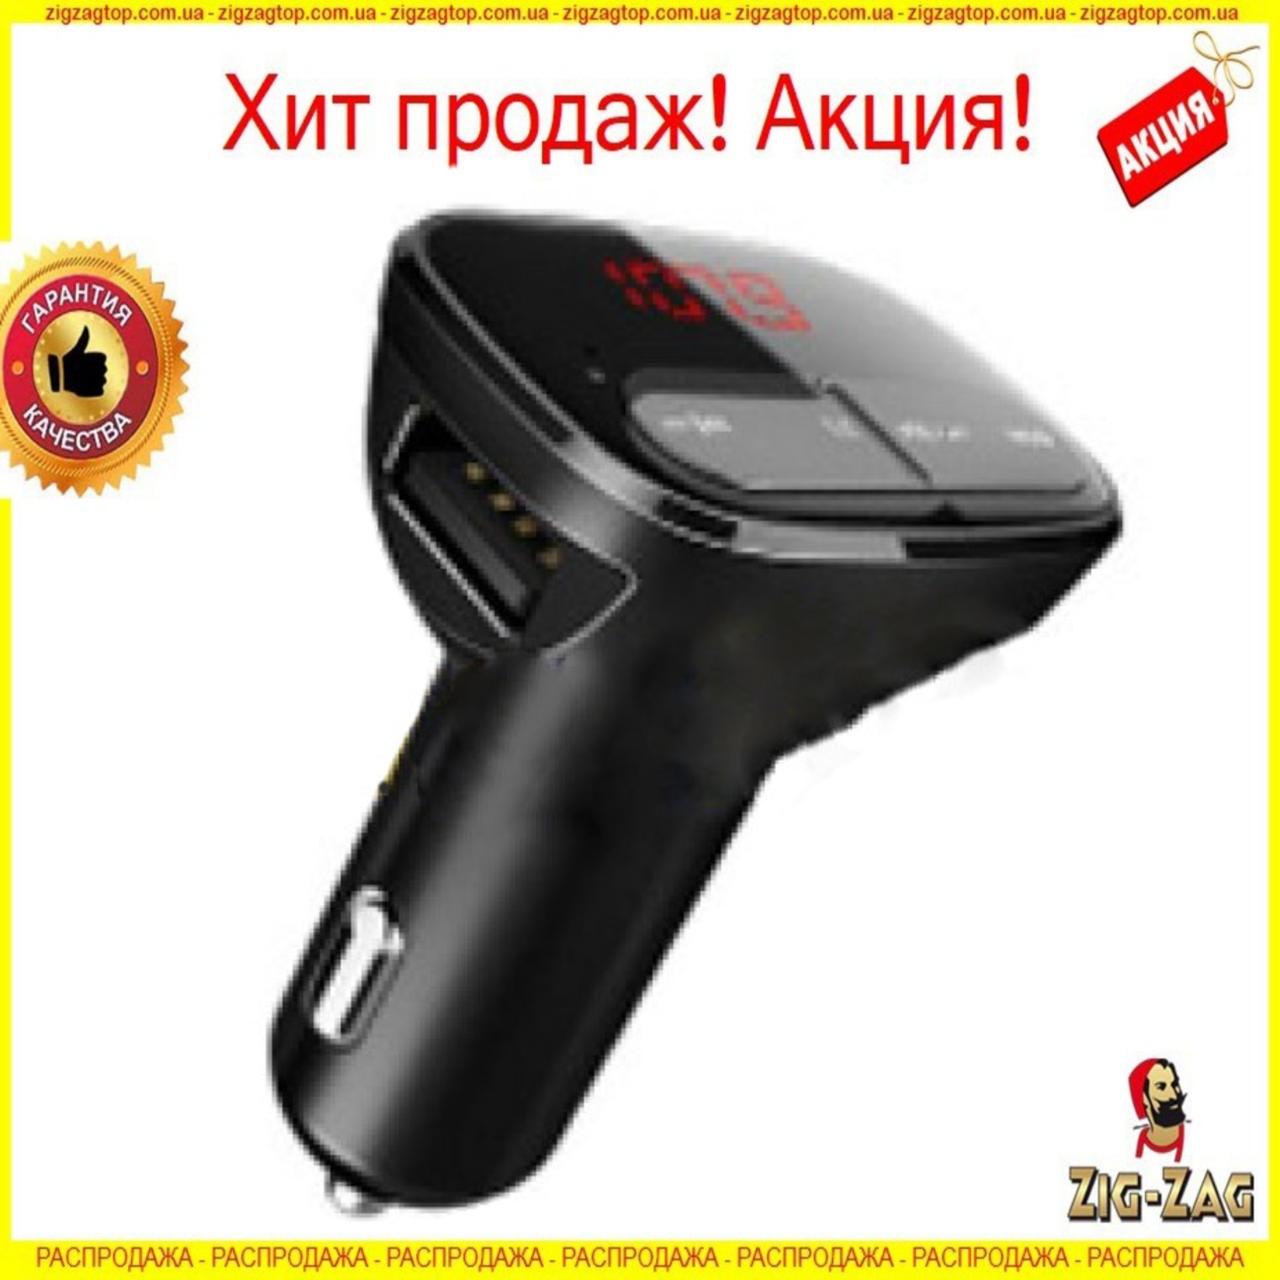 Автомобільний FM модулятор-трансмітер FM-M99 12v Original bluetooth + USB + microSD блютуз для всіх авто